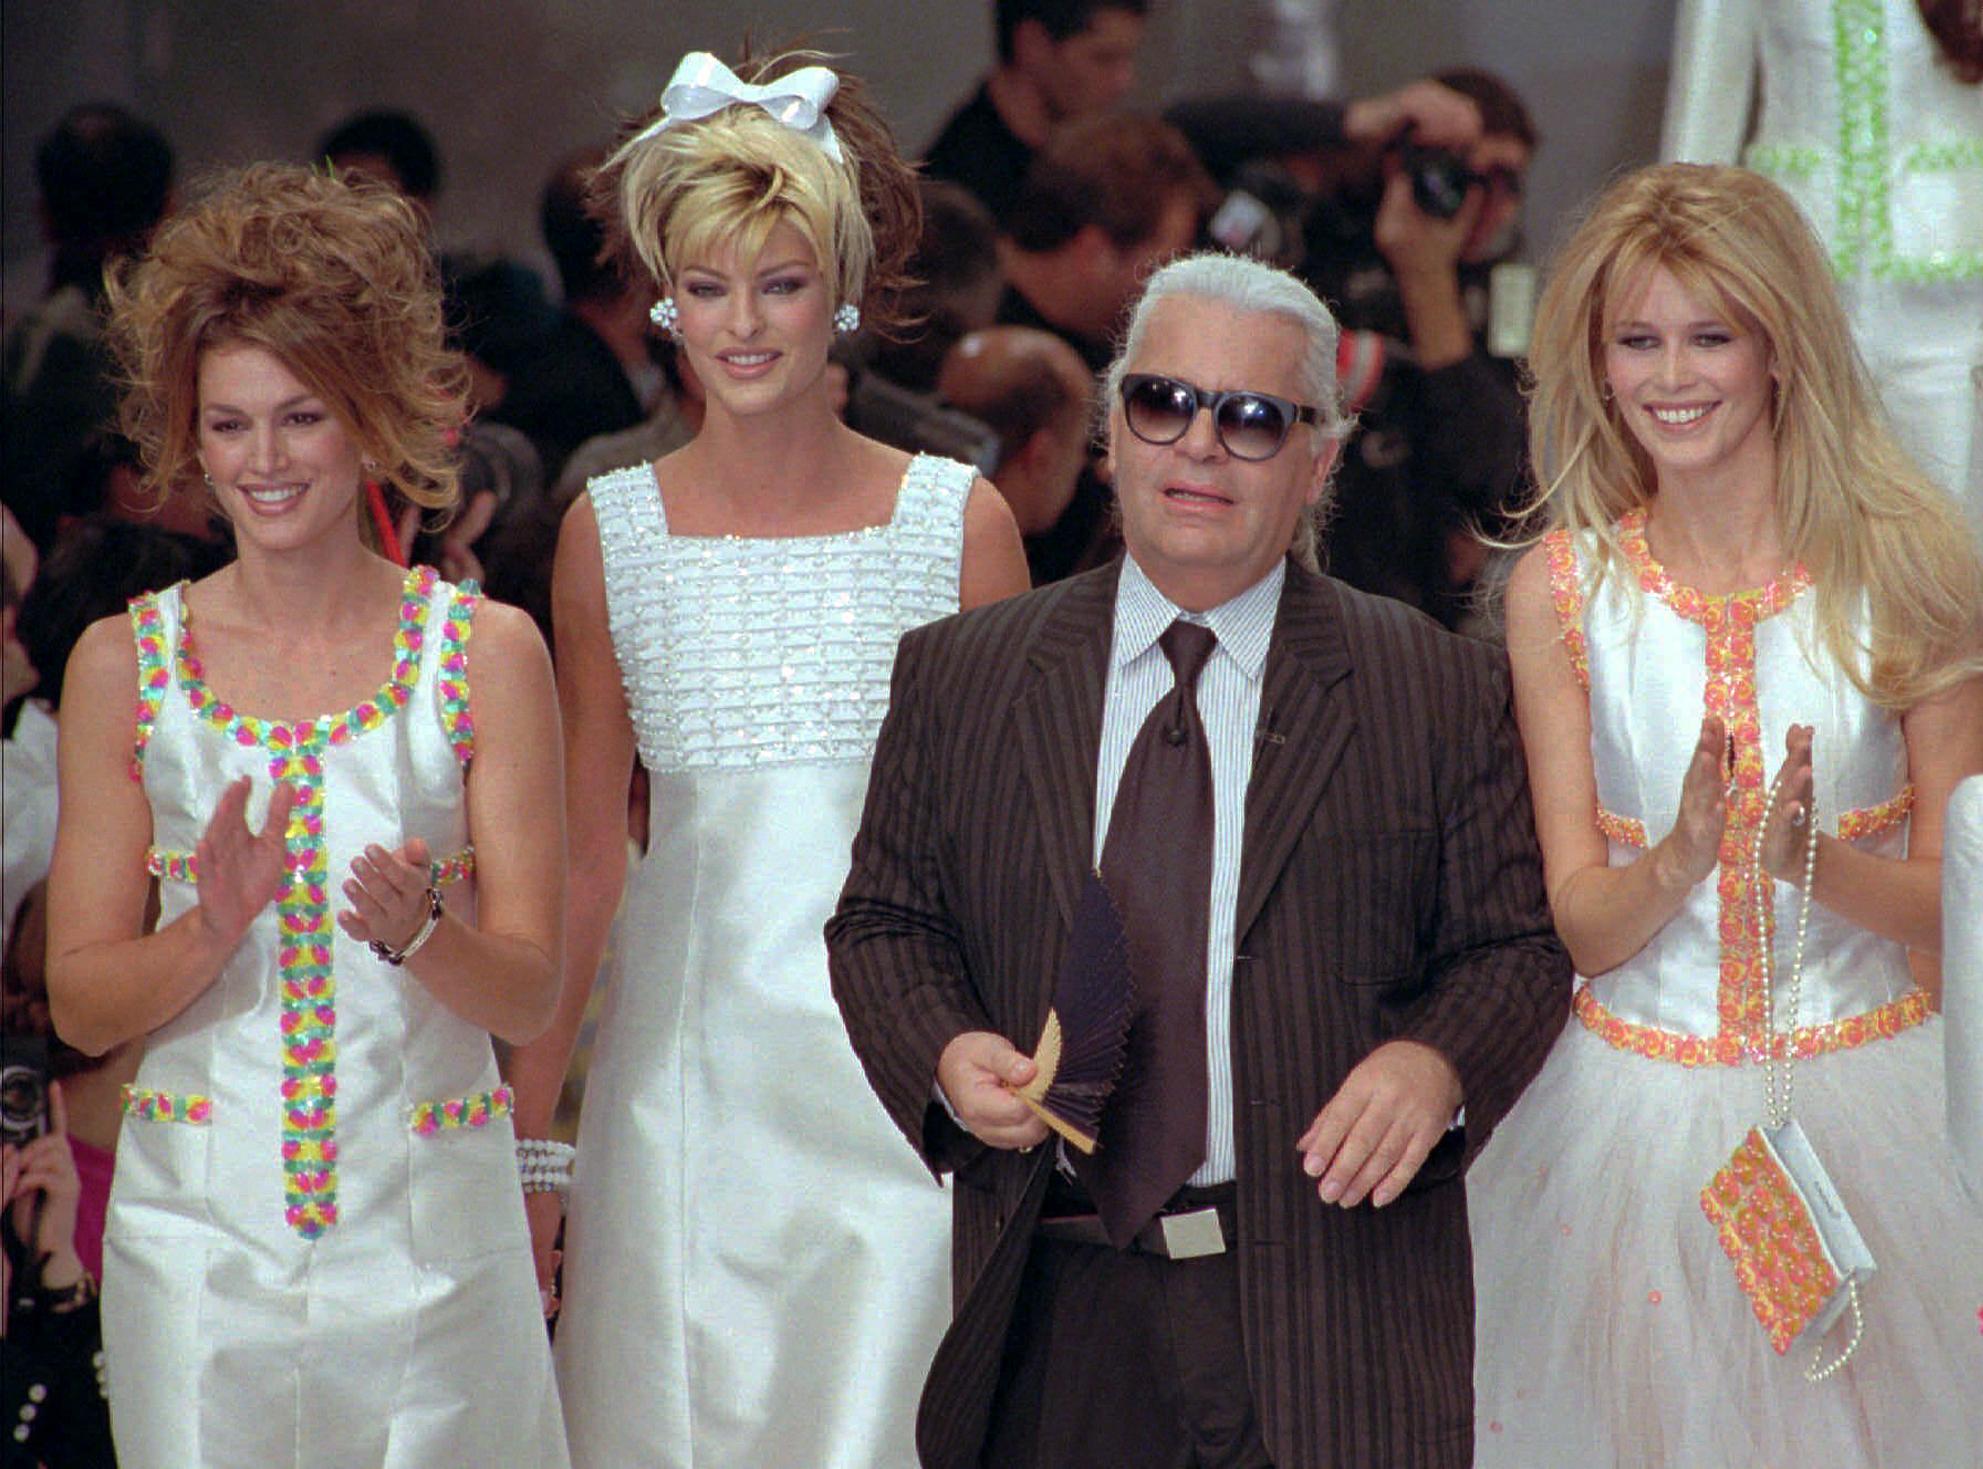 """Lagerfeld siempre estuvo rodeado de las modelos más famosas. En este desfile celebrado en París en octubre de 1995 sale a saludar al público acompañado de las """"super models"""" Cindy Crawford, Linda Evangelista y Claudia Schiffer. (AP)"""